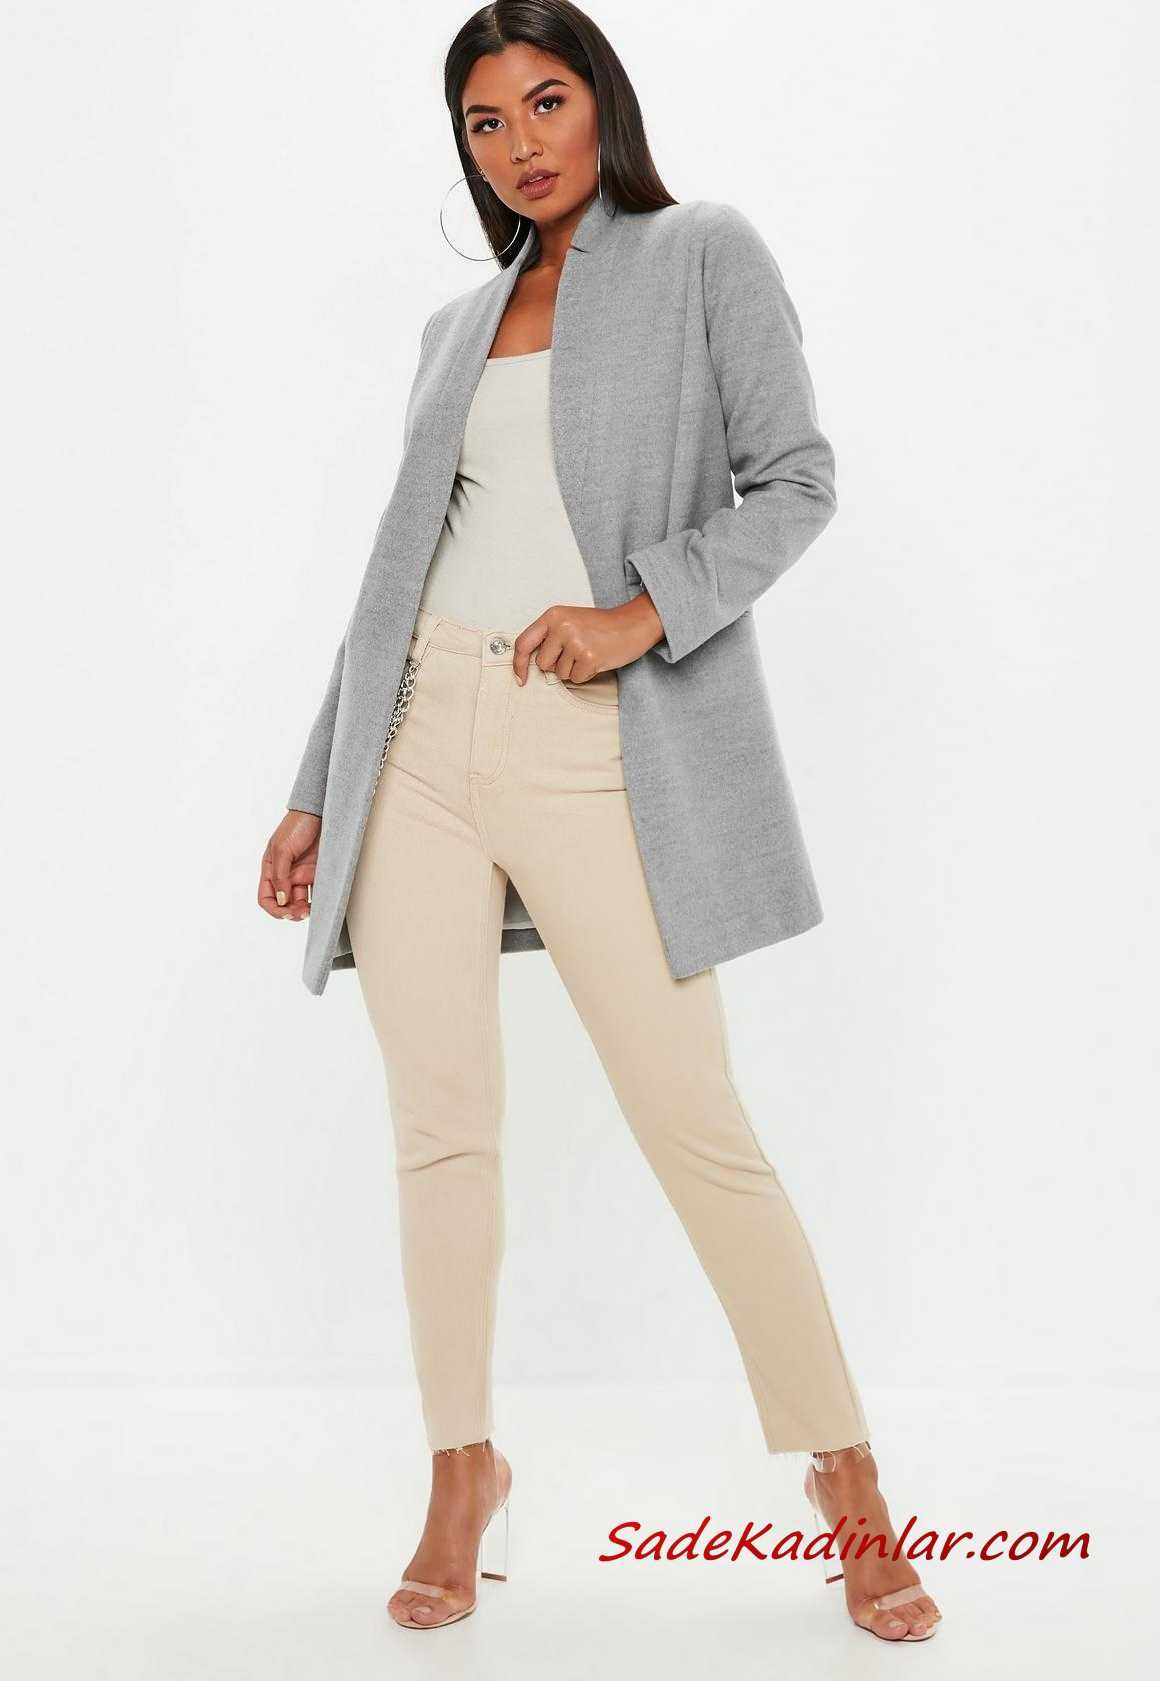 2020 Kis Kombinleri Krem Pantolon Beyaz Bluz Gri Uzun Blazer Ceket Seffaf Stiletto Ayakkabi Blazer Ceket Siyah Dar Pantolon Stiletto